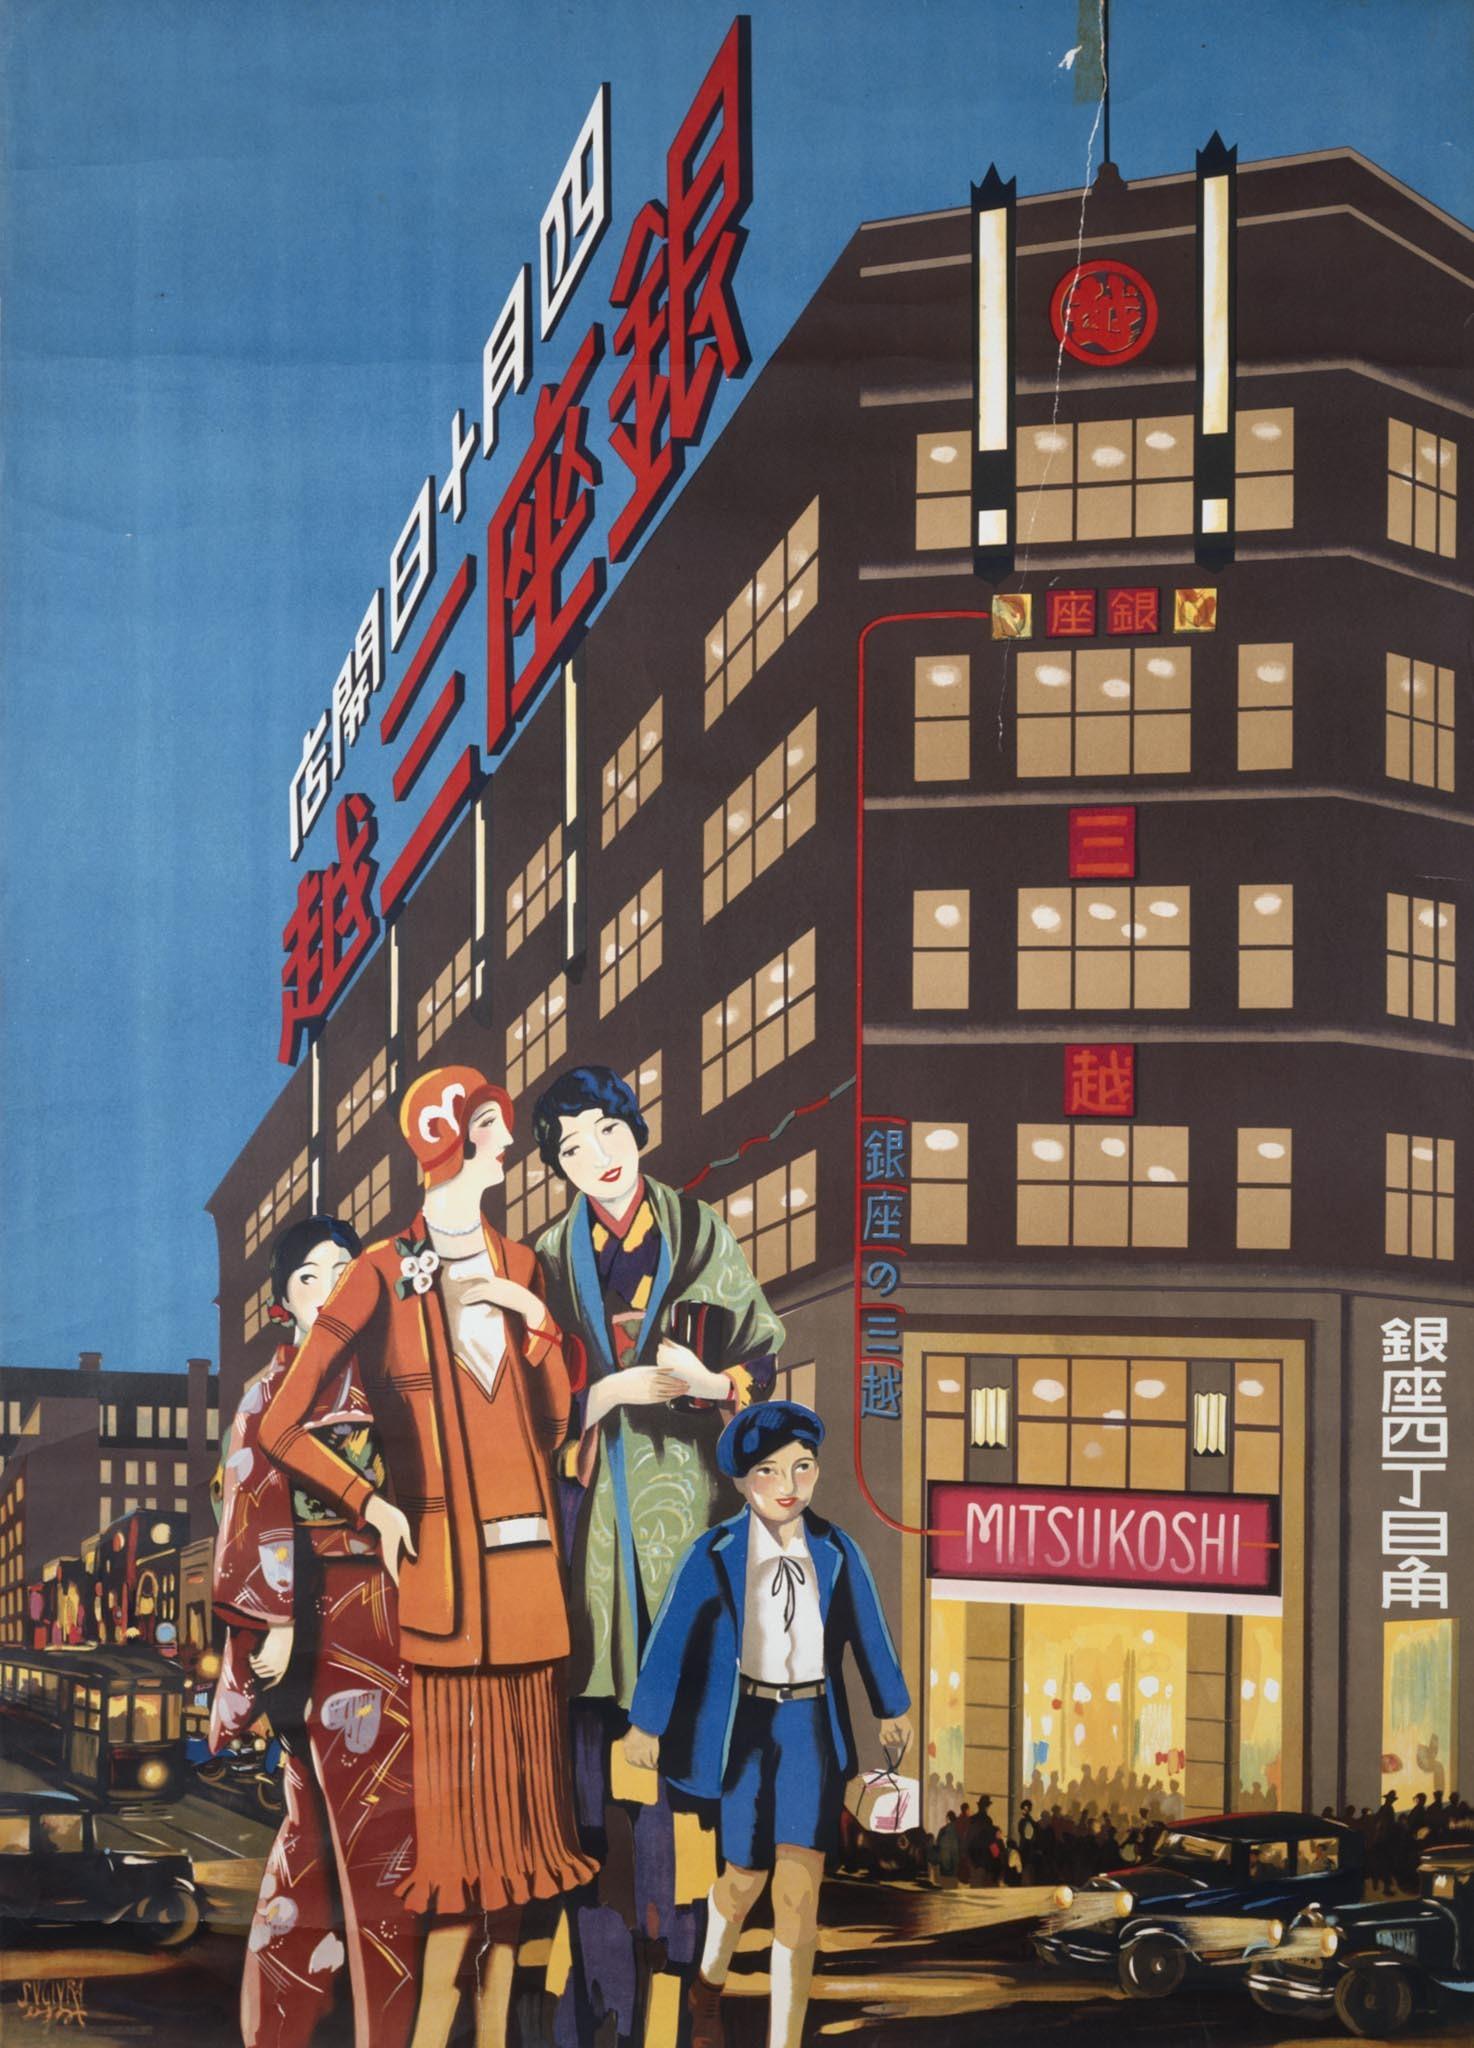 杉浦非水 《銀座三越四月十日開店》 1930年 東京国立近代美術館蔵